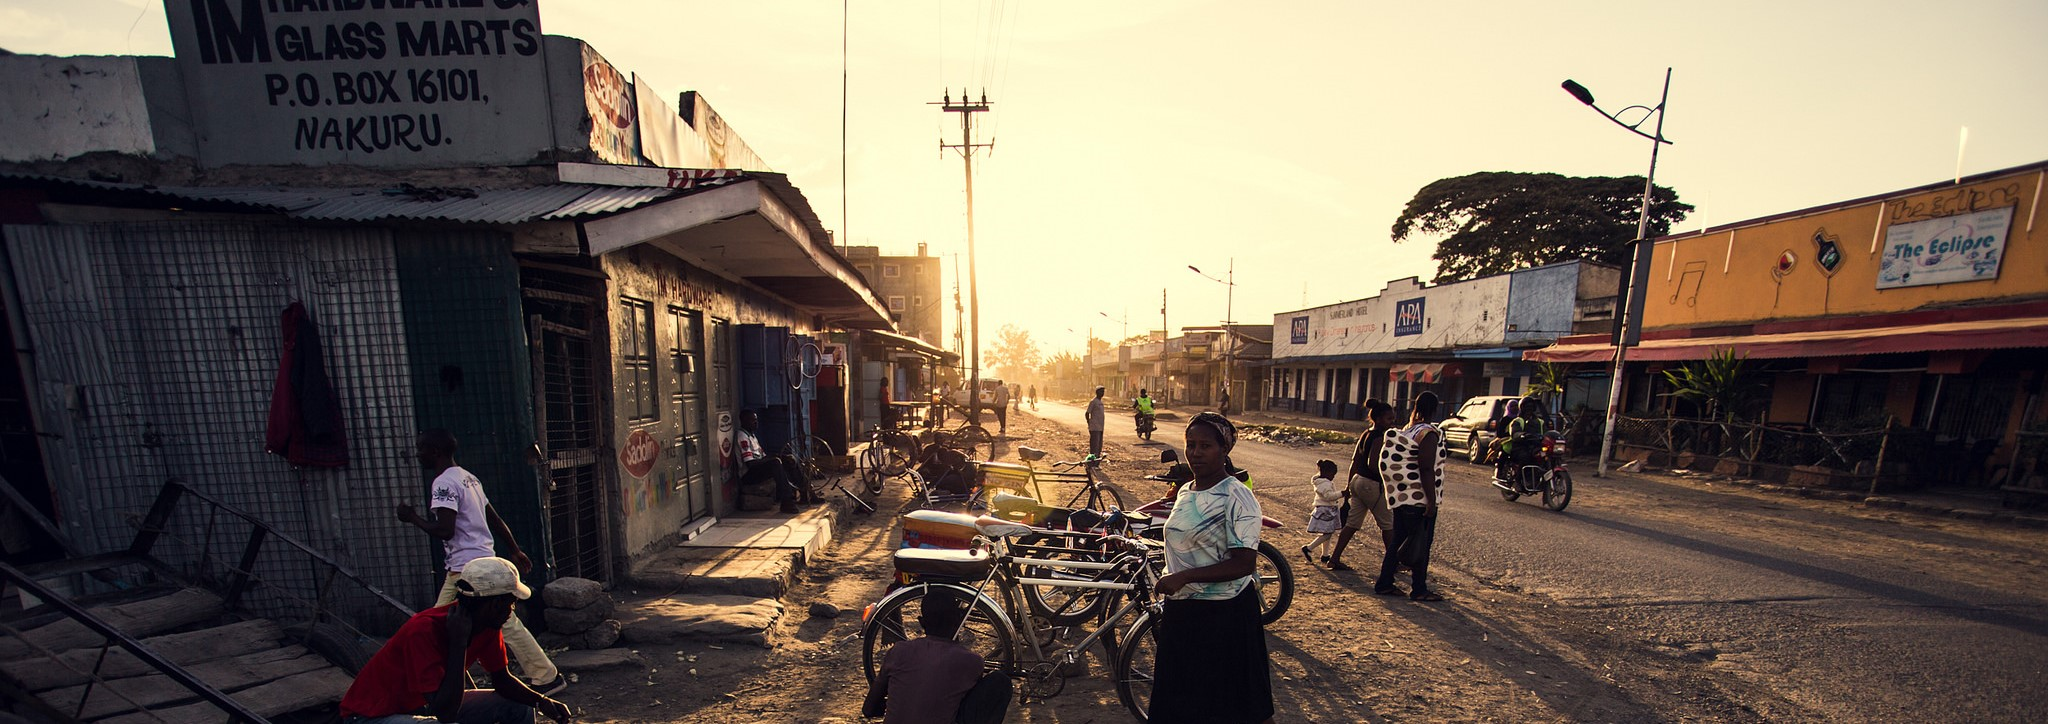 Nakuru, Rift Valley, Kenya (Photo: Flickr/VictorDobai)